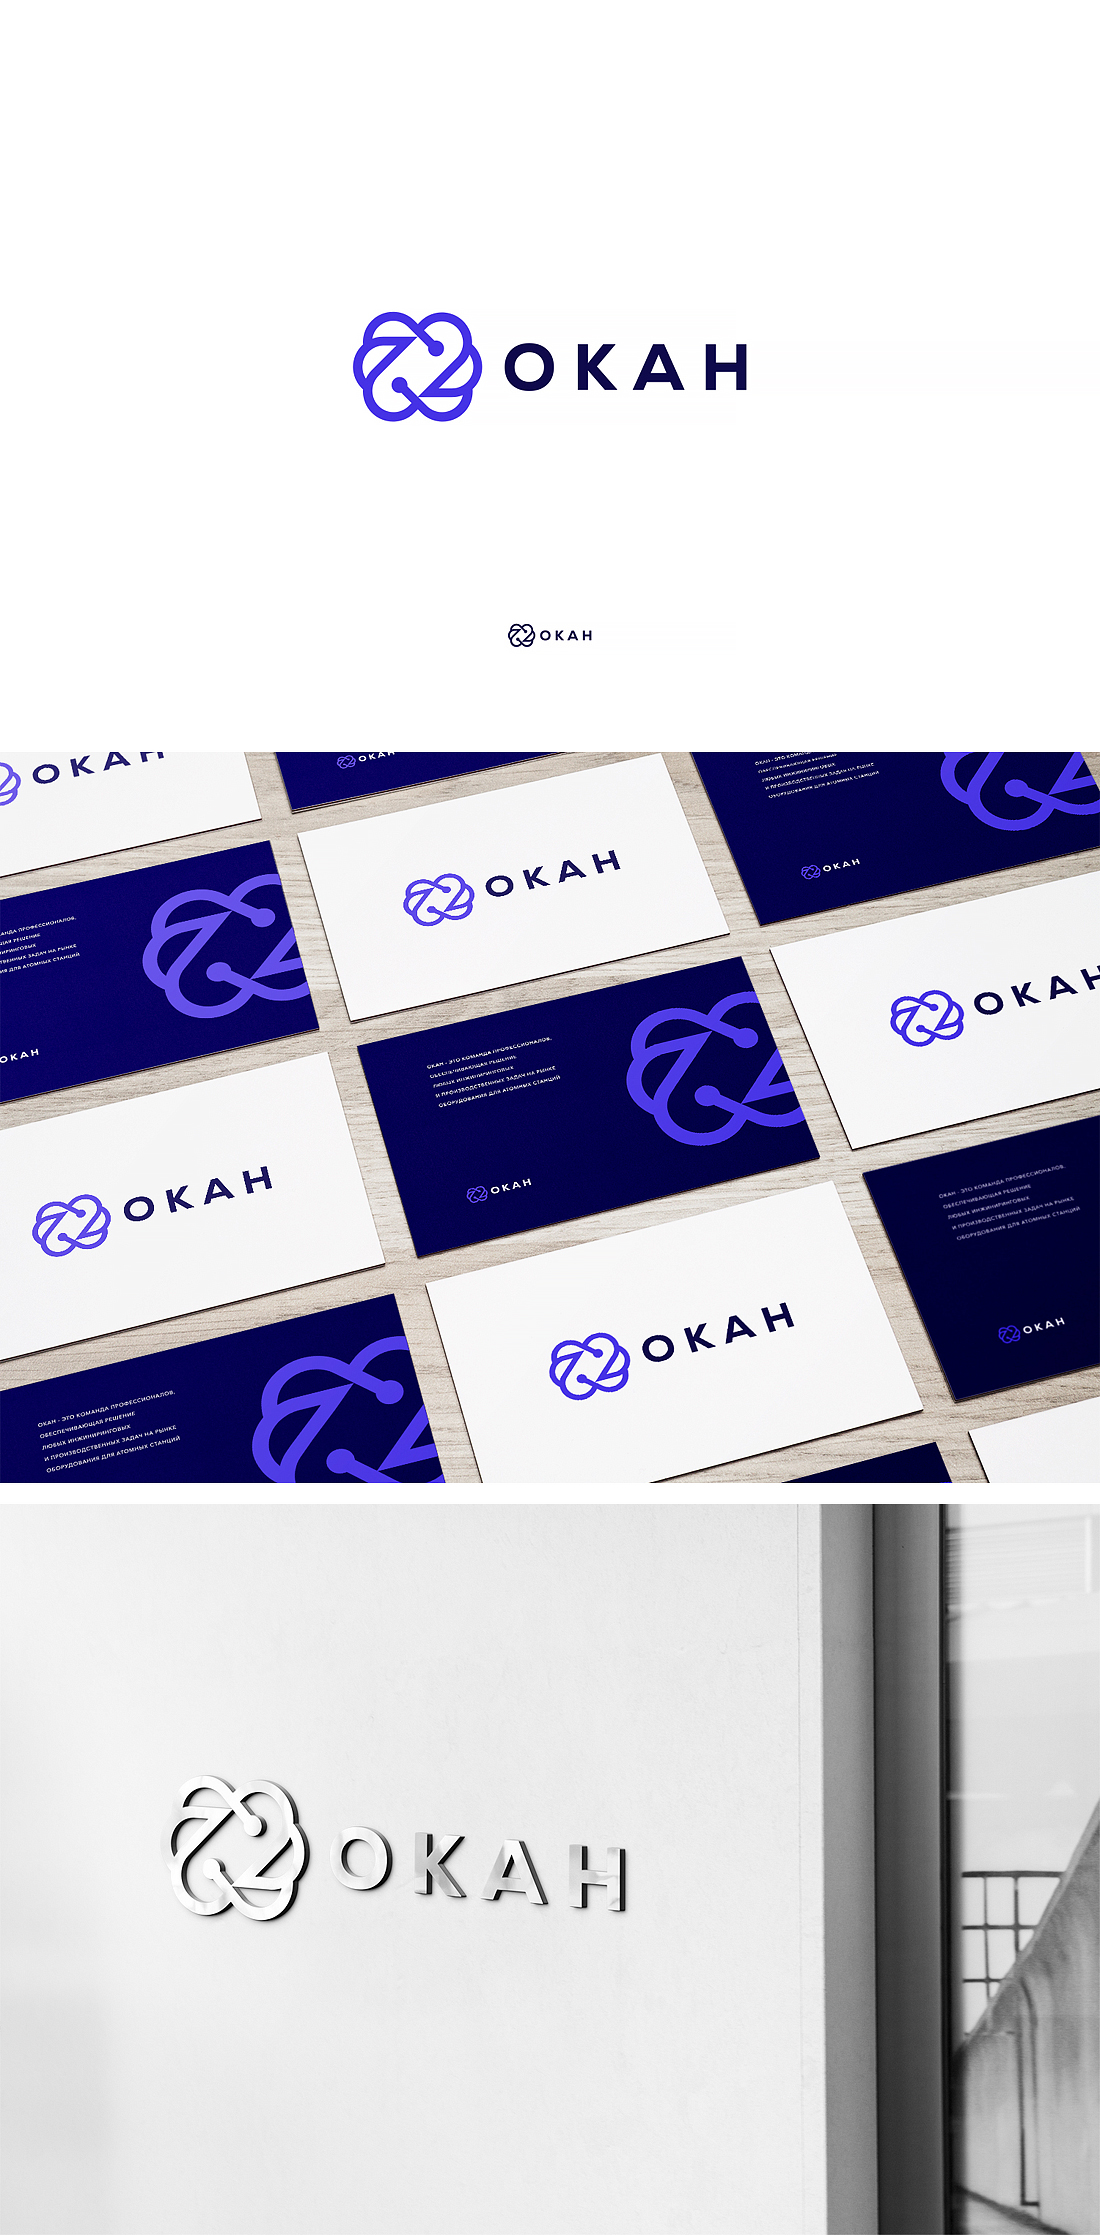 Разработка фирменного стиля и концепции брендбука фото f_8075ec10d6515222.jpg